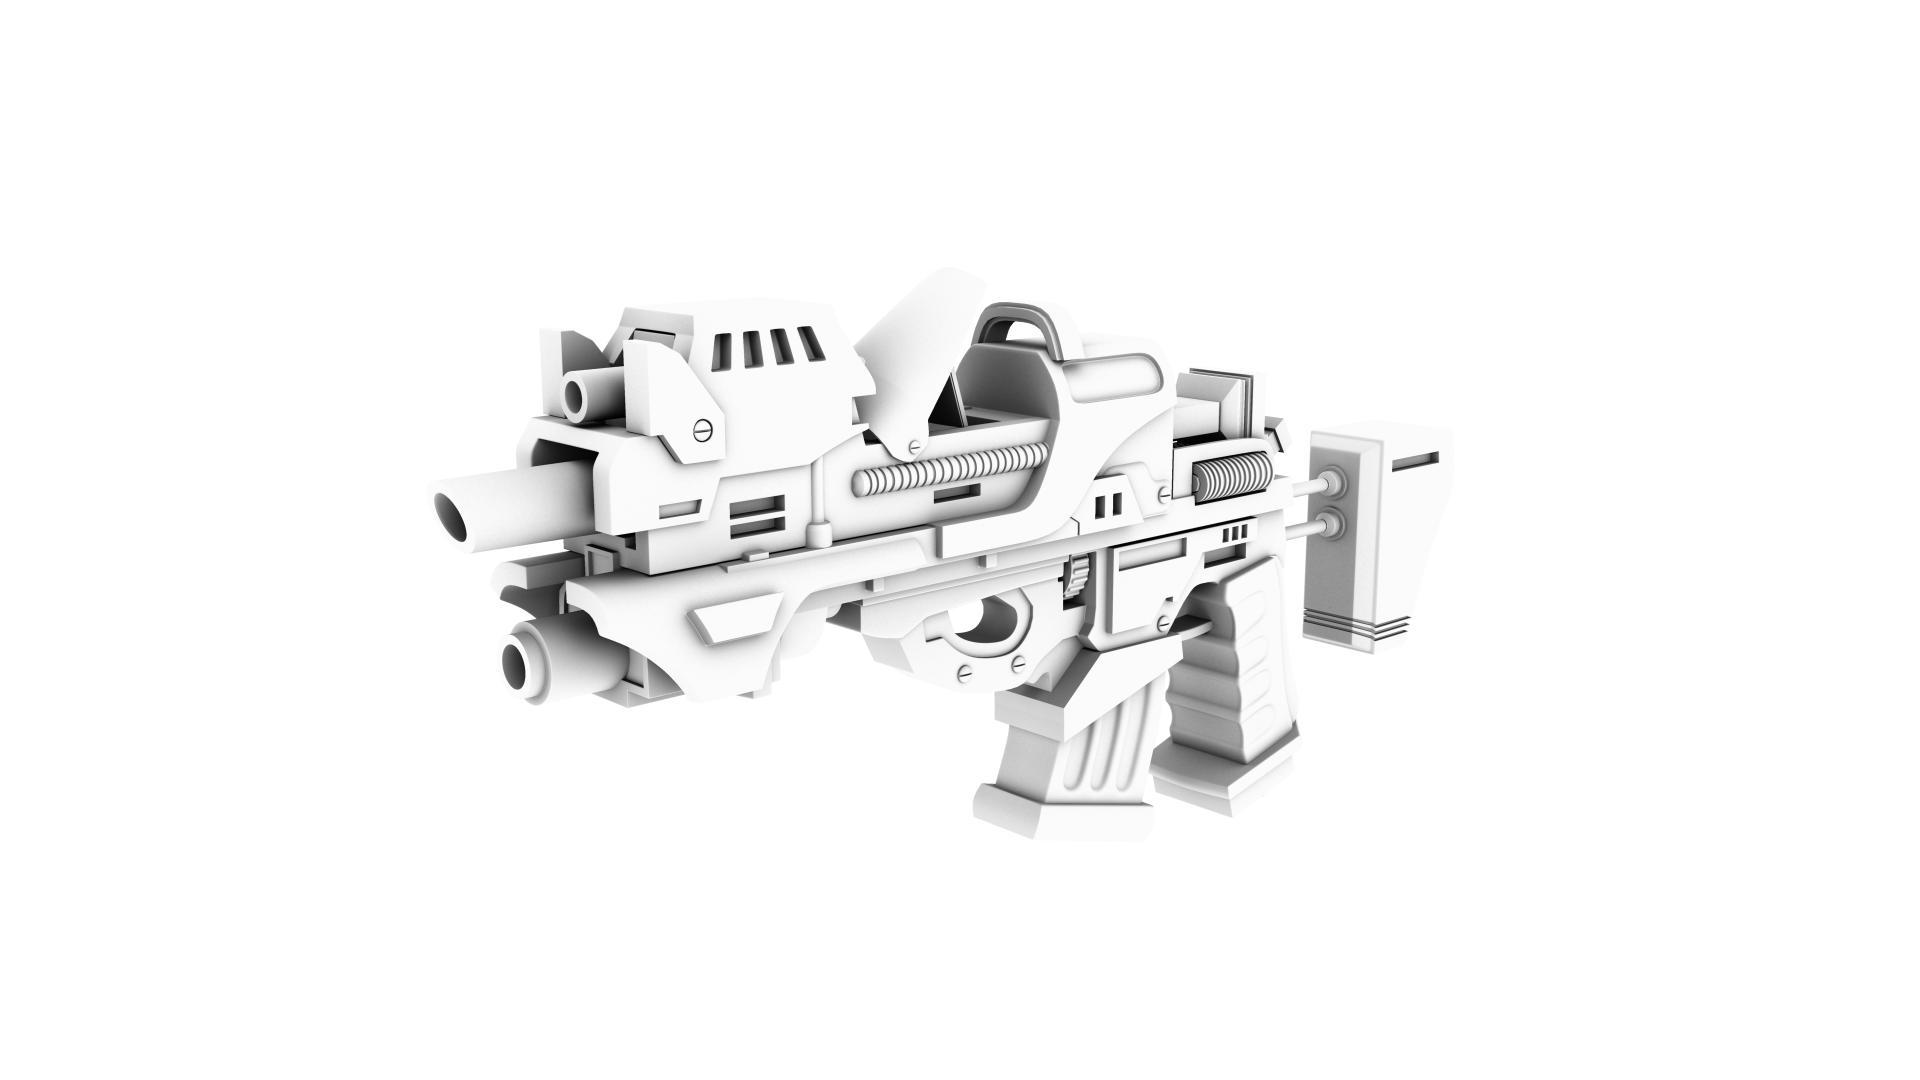 armë e ushtrisë 3d model 128978